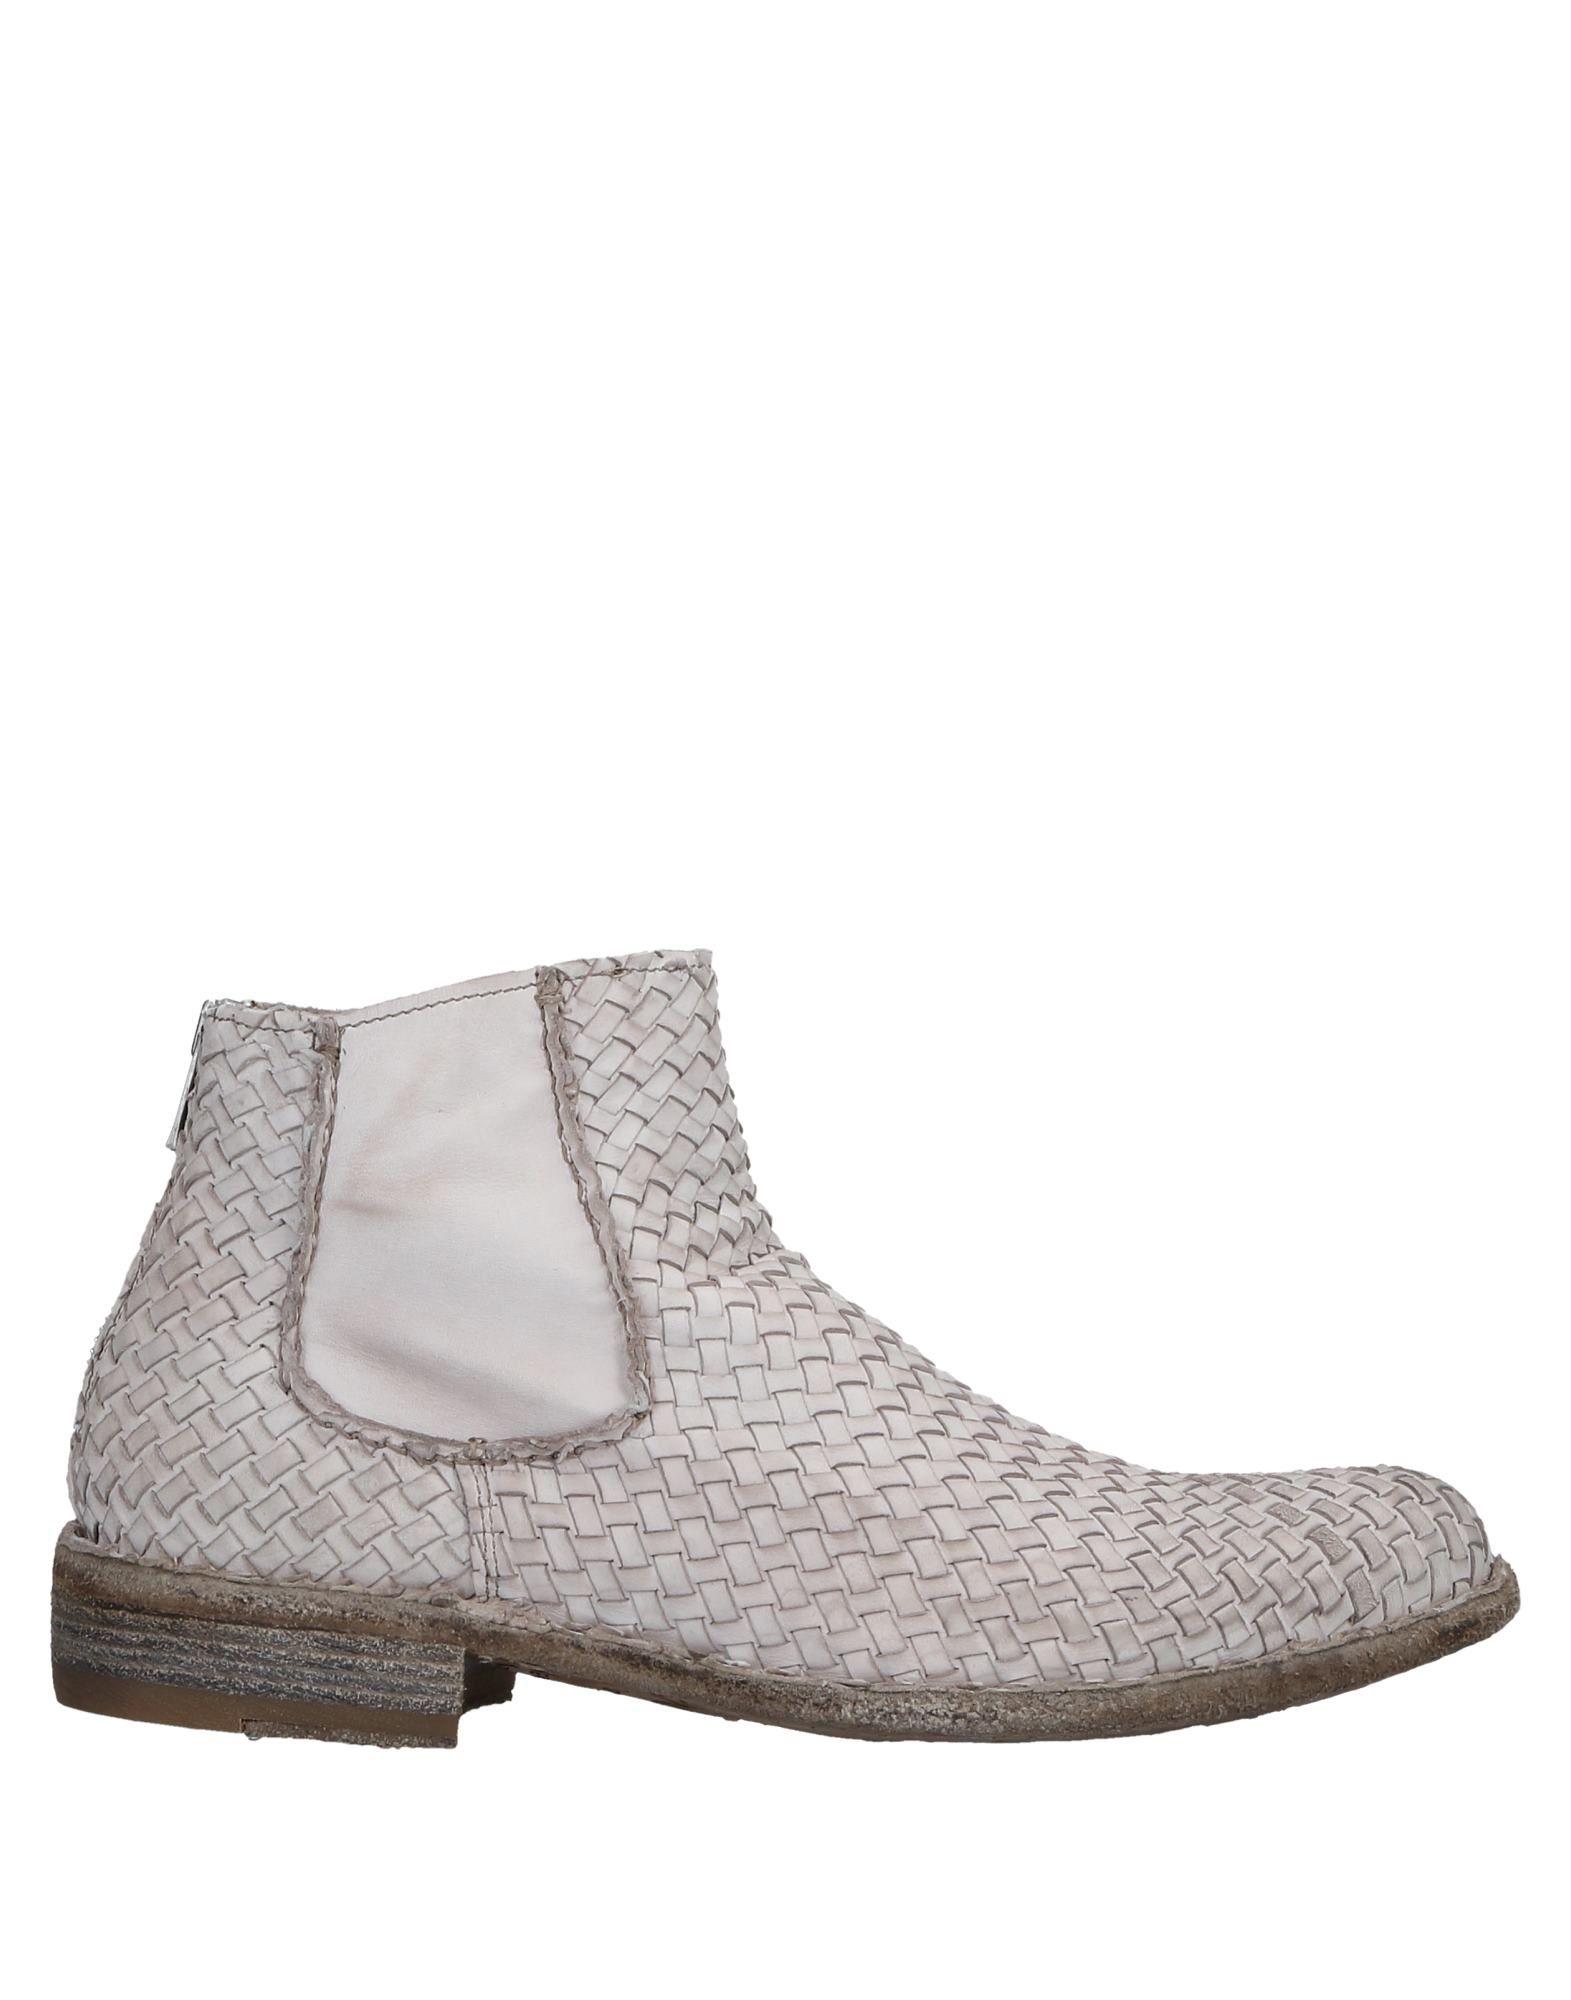 Bottine Officine Creative Italia Femme - Bottines Officine Creative Italia Ivoire Chaussures femme pas cher homme et femme